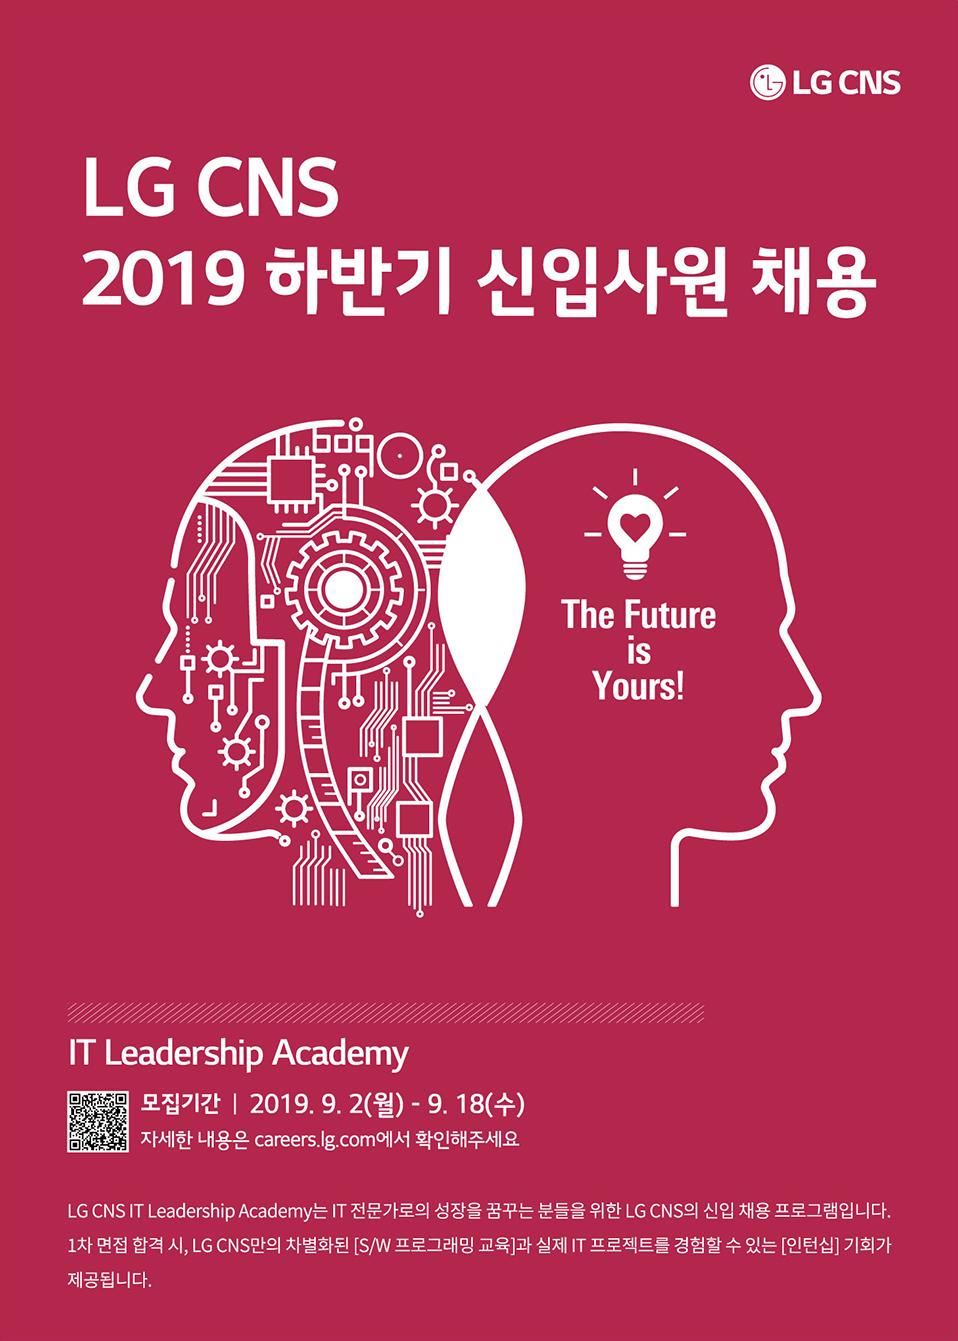 LG CNS 2019 하반기 신입사원 채용